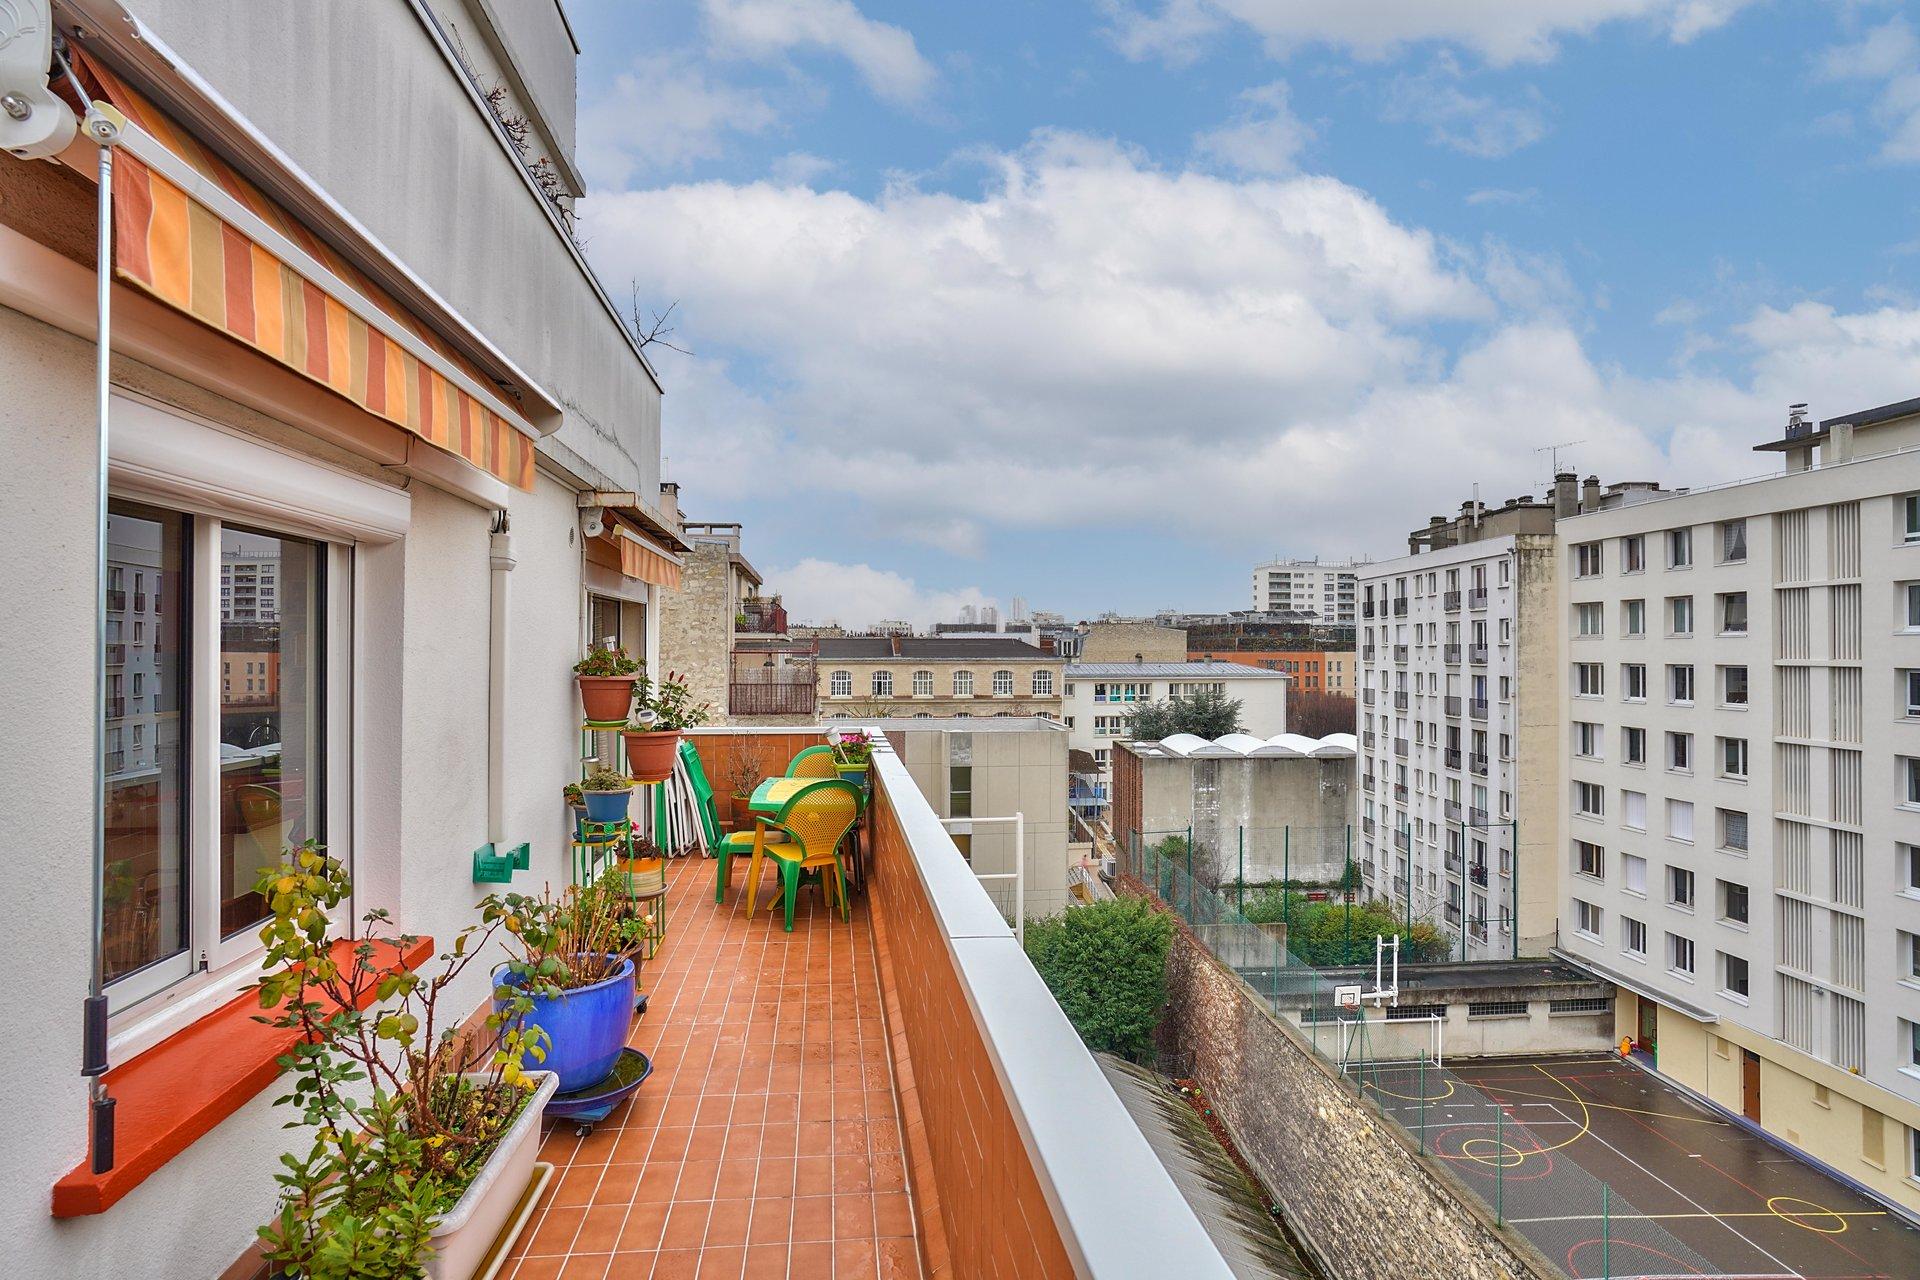 Paris - XVIII ème - JARDIN HENRI SAUVAGE - M° Simplon - 4 PIÈCES - TRAVERSANT - 3 CHAMBRES - ÉTAGE ÉLÉVÉ AVEC ASCENSEUR - TERRASSE - VUE - SOLEIL - CALME ABSOLU